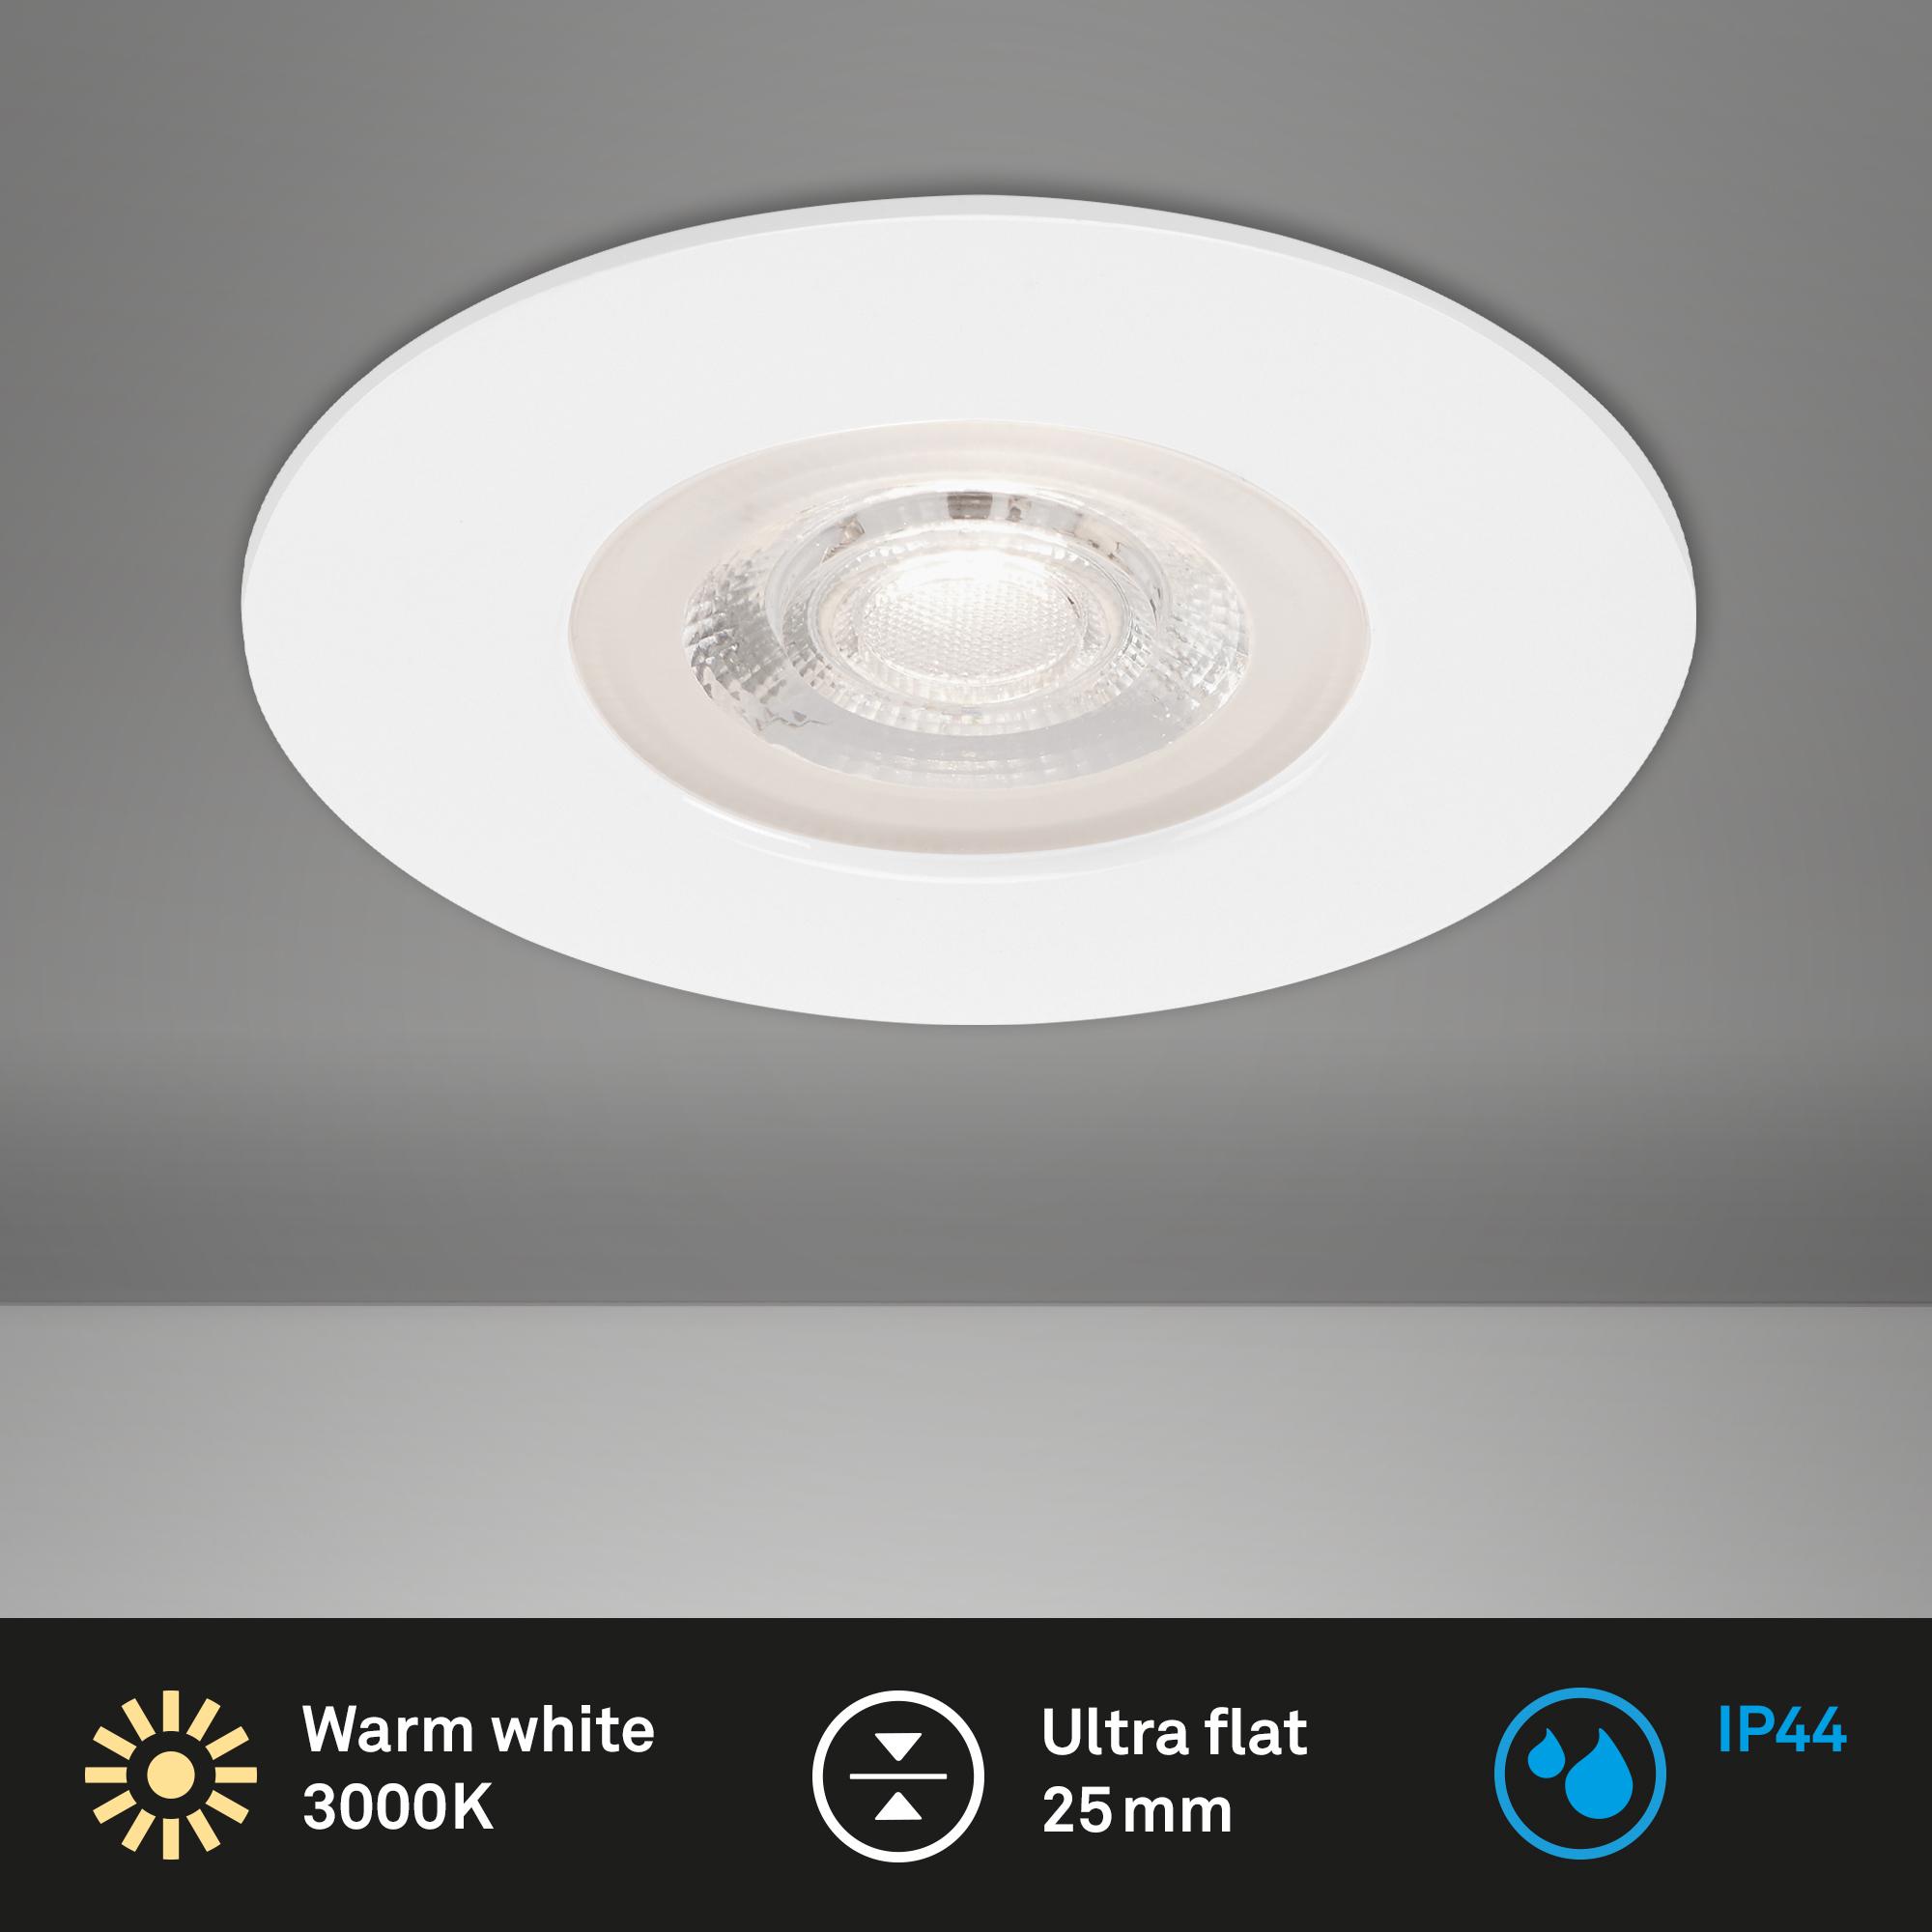 LED Einbauleuchte, Ø 9 cm, 5 W, Weiß